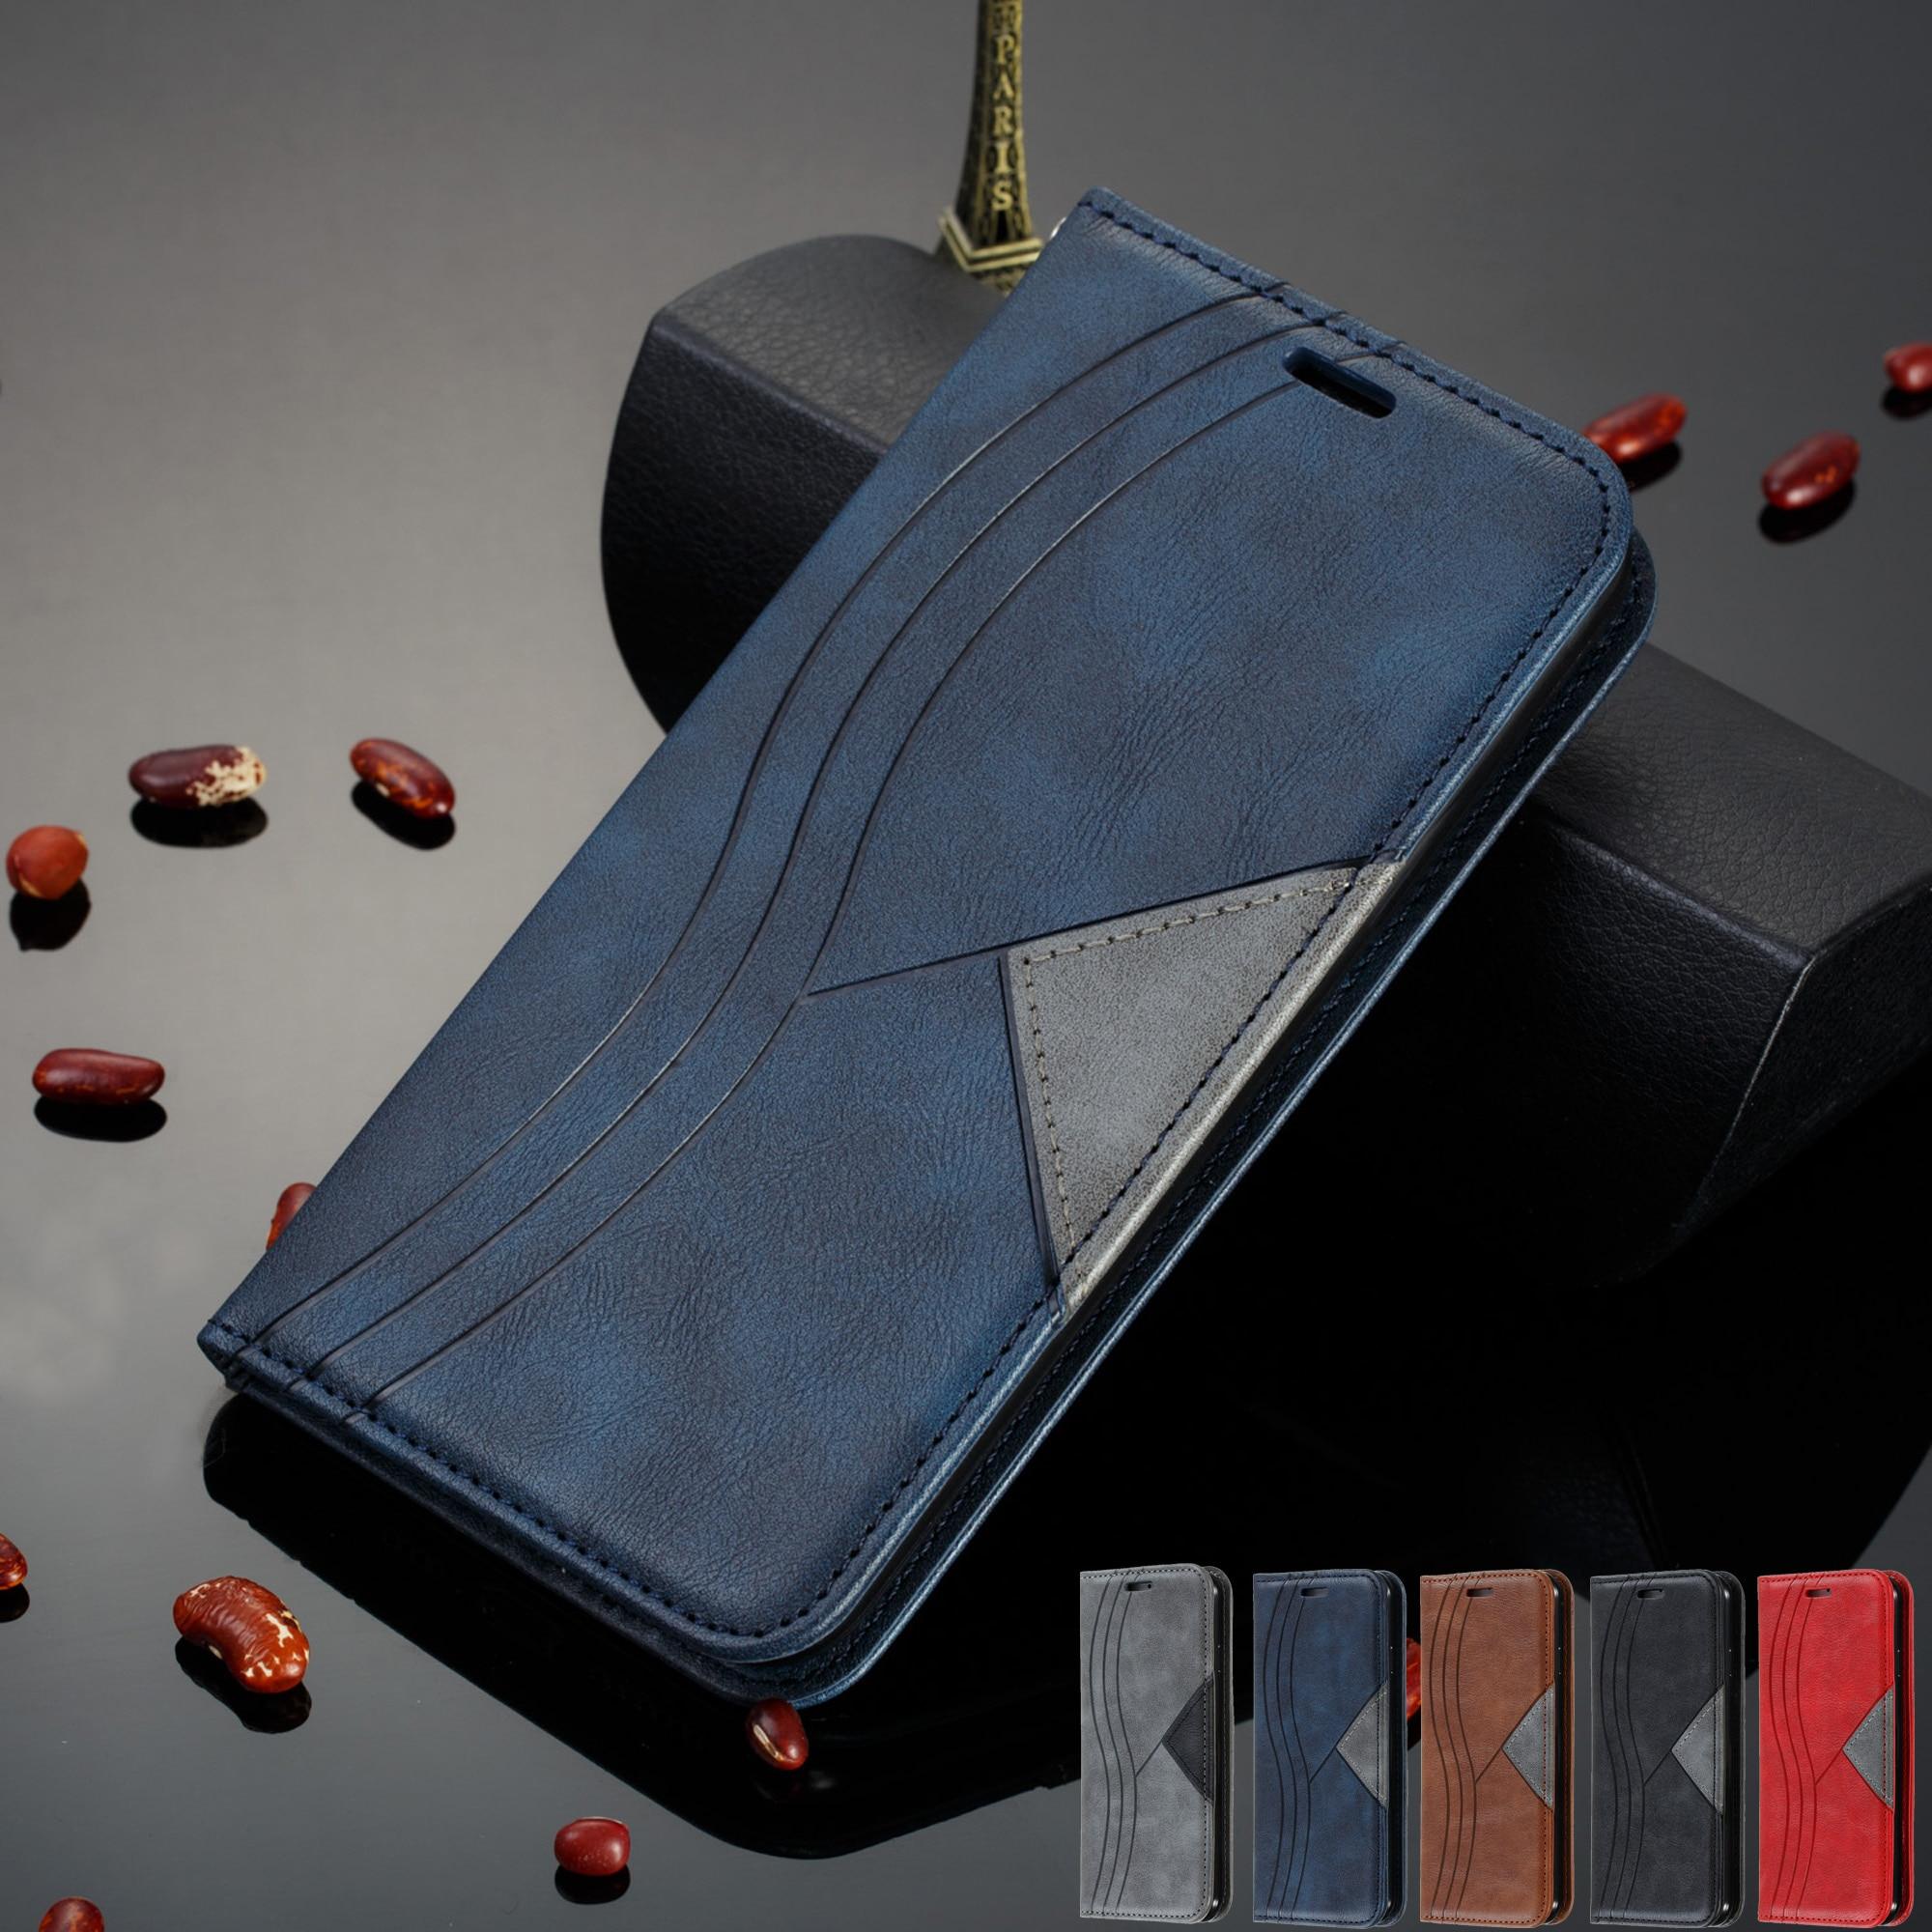 For Xiaomi Mi 9 9T CC9 Note 10 Pro CC9E A3 Case xiomi Redmi 8 8A 7 7A 6A k20 Note 8 7 9S Pro Max 8T Case Leather Cover Coque(China)